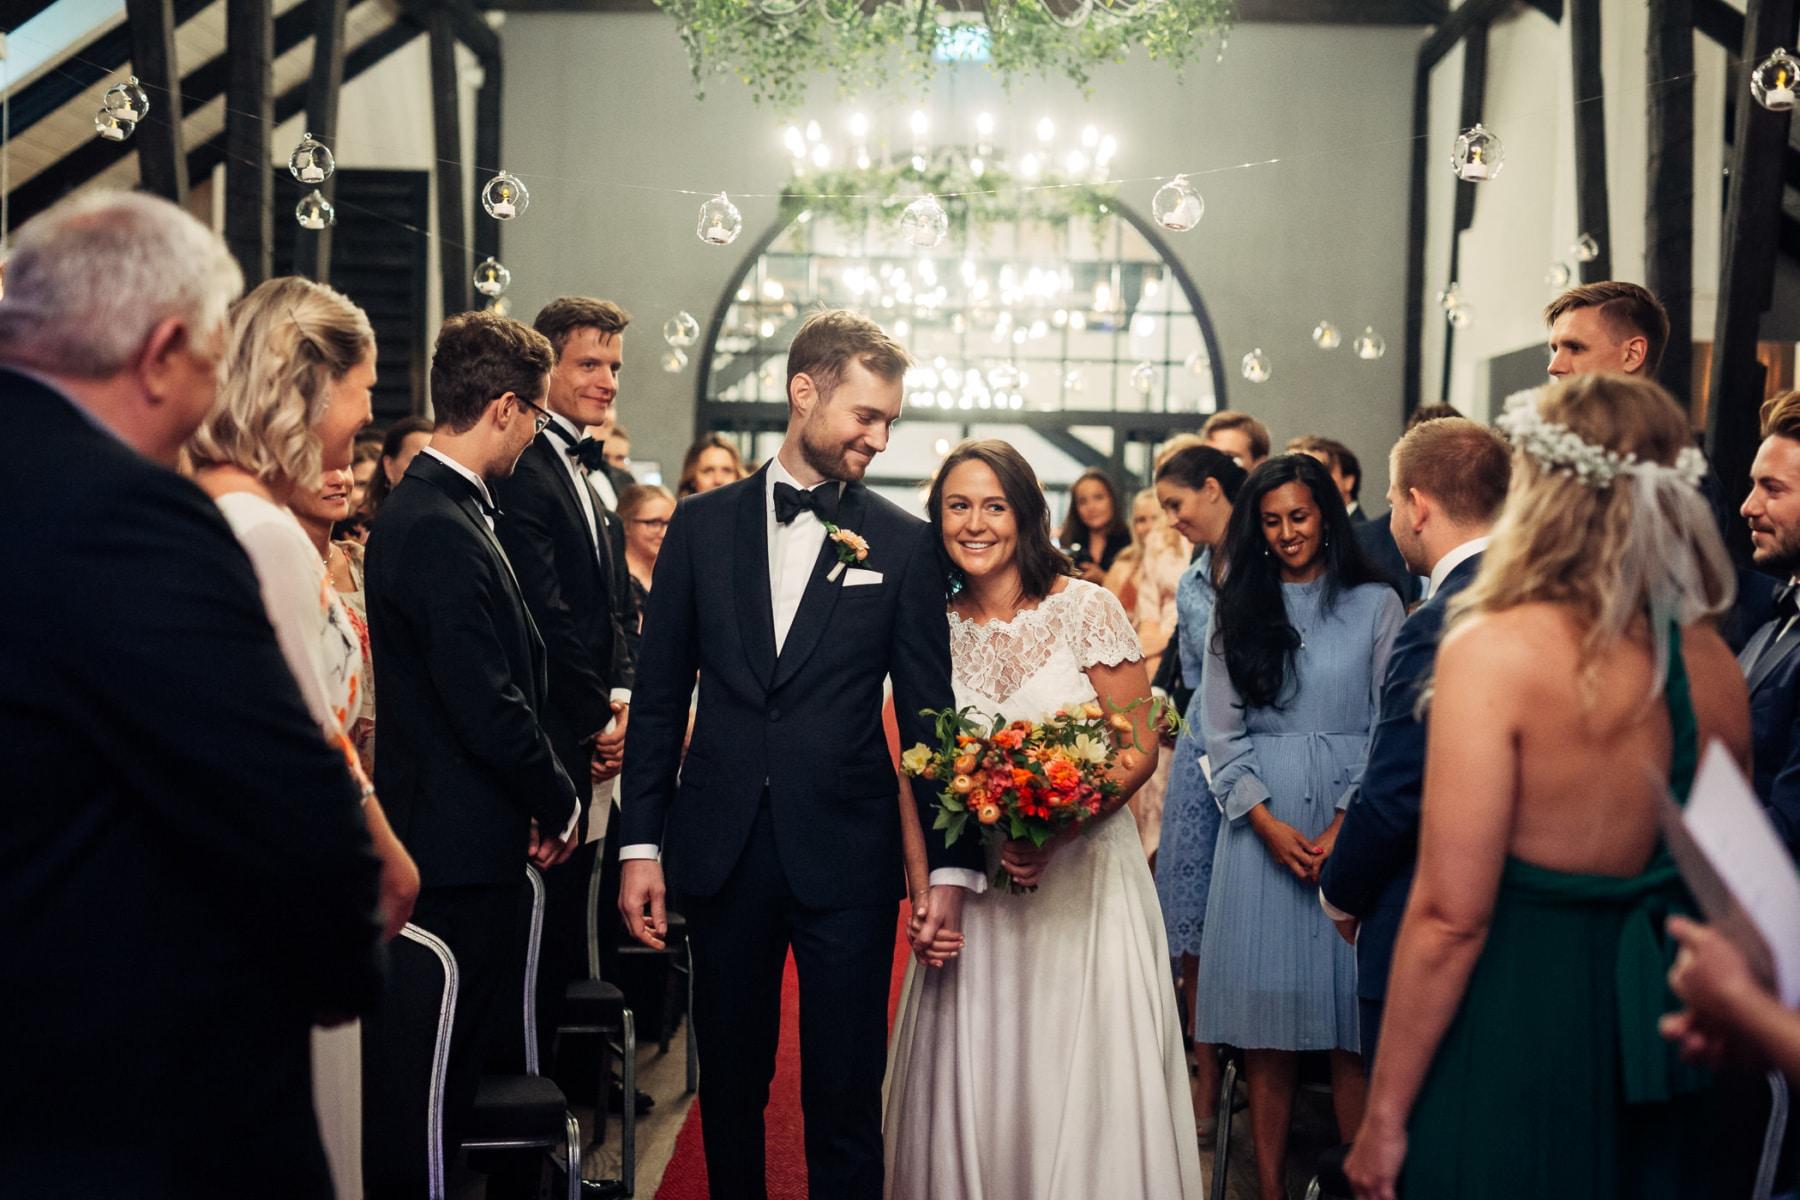 Caroline & Bendik - avslappet og morsomt bryllup i Ski Fotograf bryllup ski 29 Brudepar